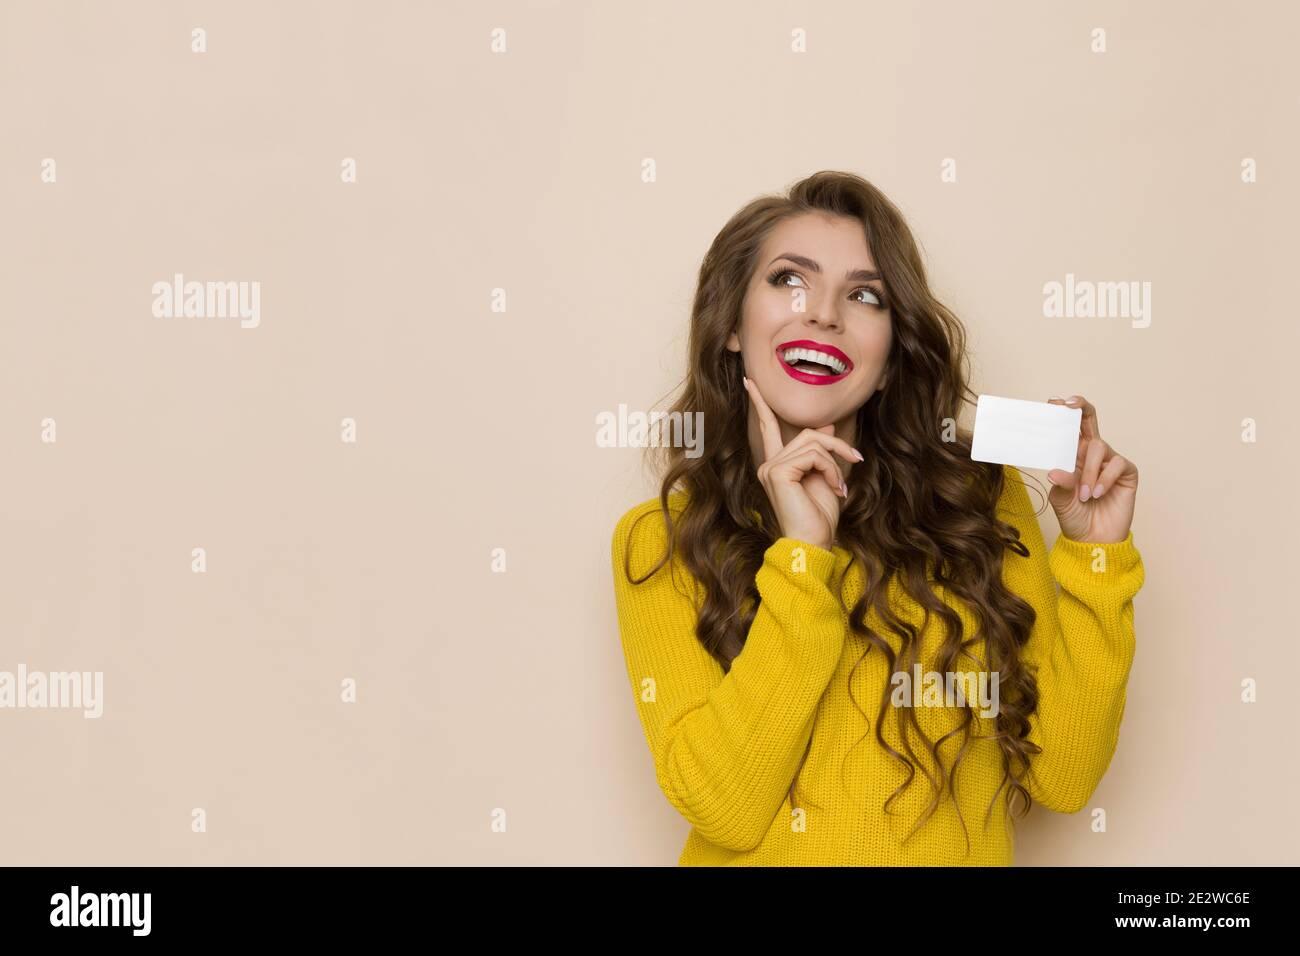 Casual giovane donna sta tenendo carta di plastica bianca, sorridente, guardando in su e pensando. Girata in casa su sfondo beige. Foto Stock